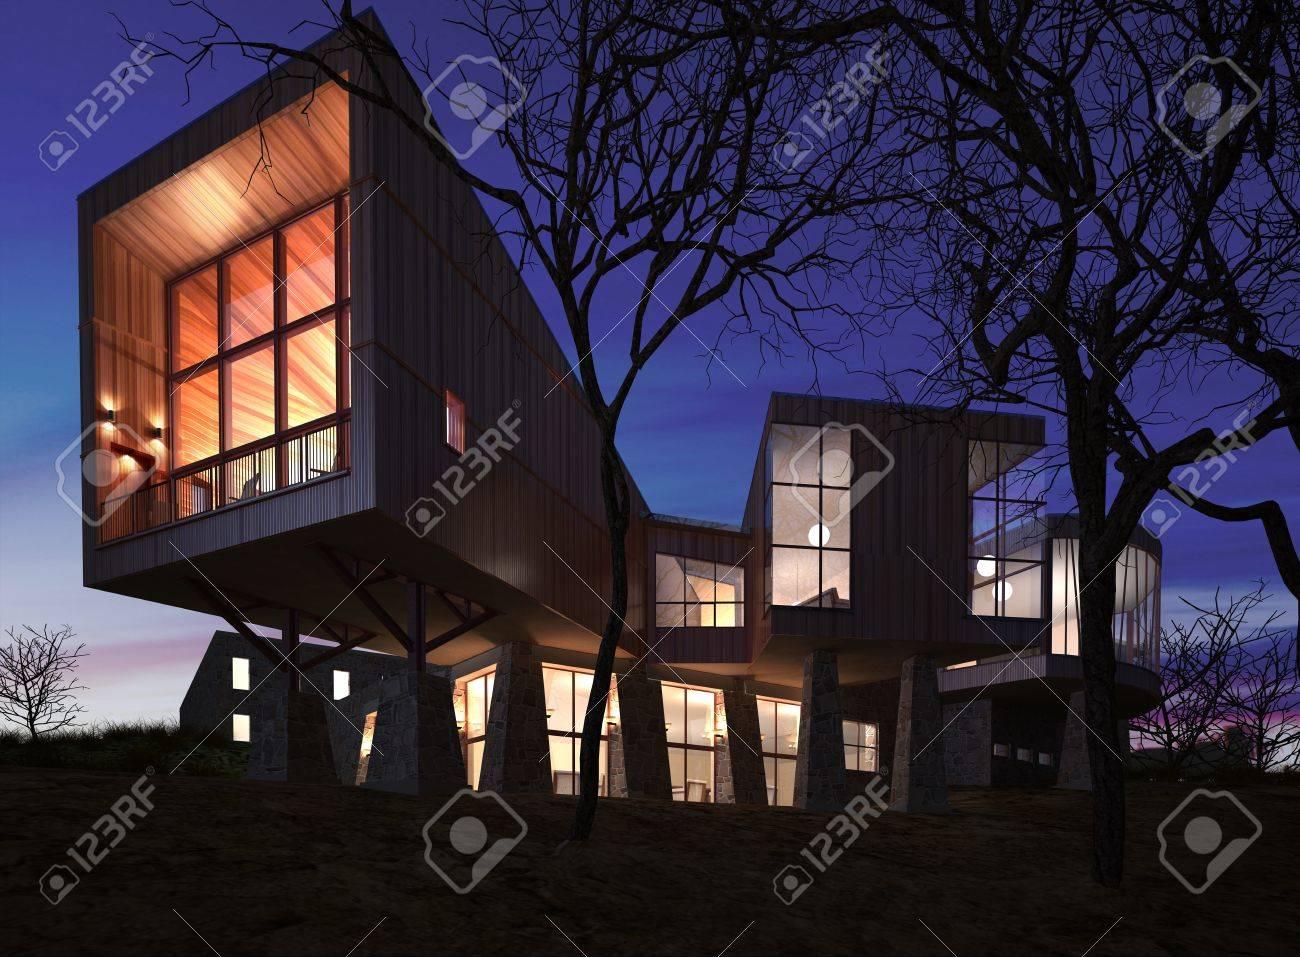 Haus am meer bei sonnenuntergang  Sehr Moderne Und Stilvolle Haus Aus Holz, Stein Und Glas Nach ...